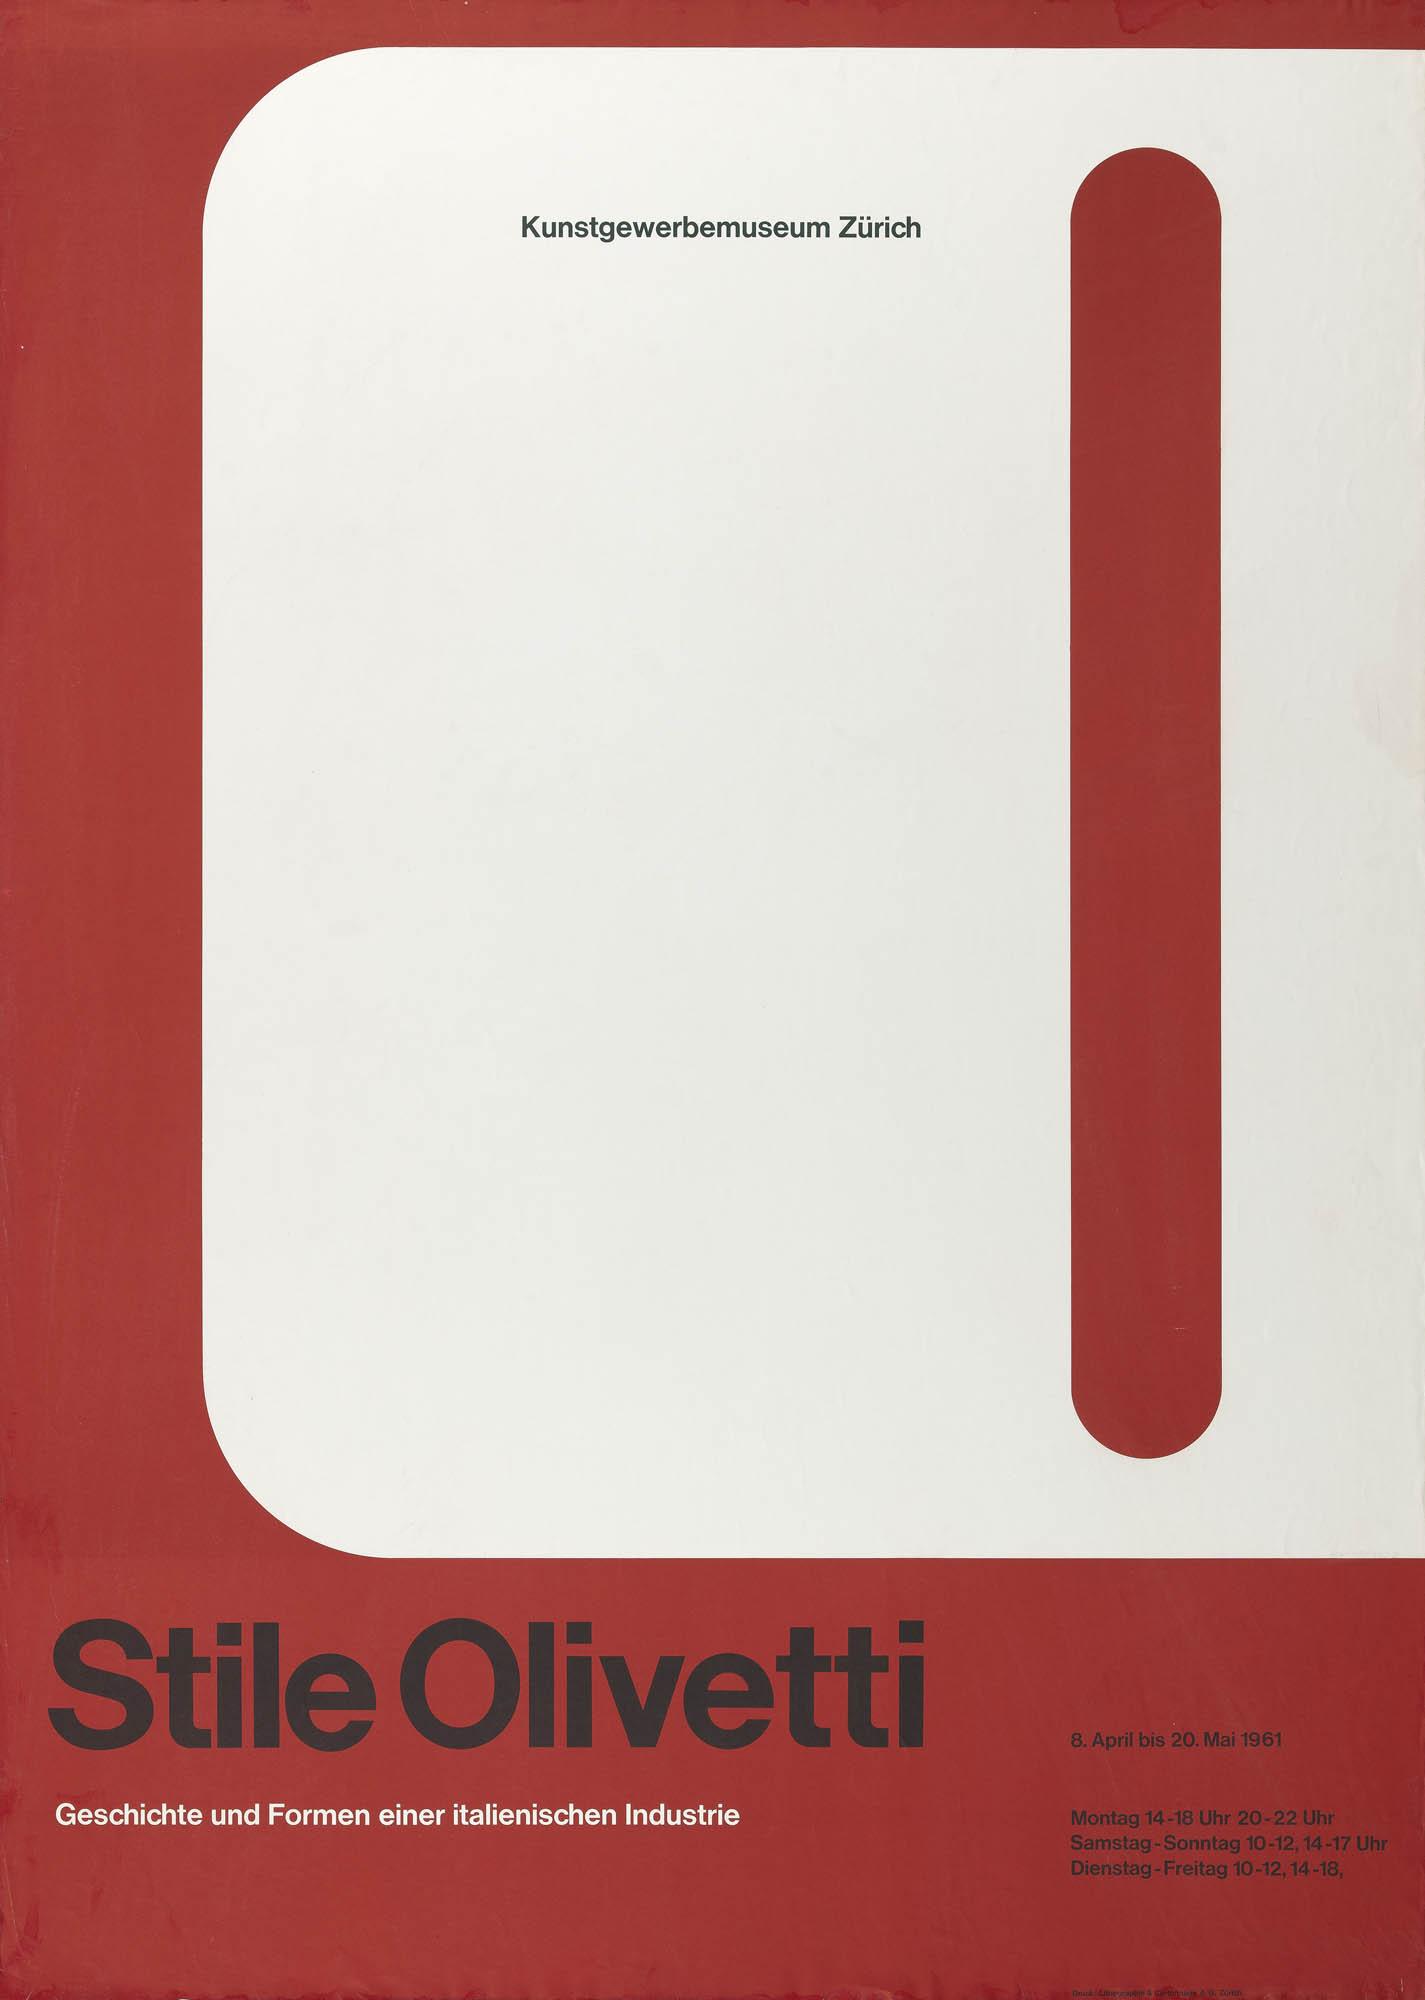 Stile Olivetti Walter Ballmer Plakat